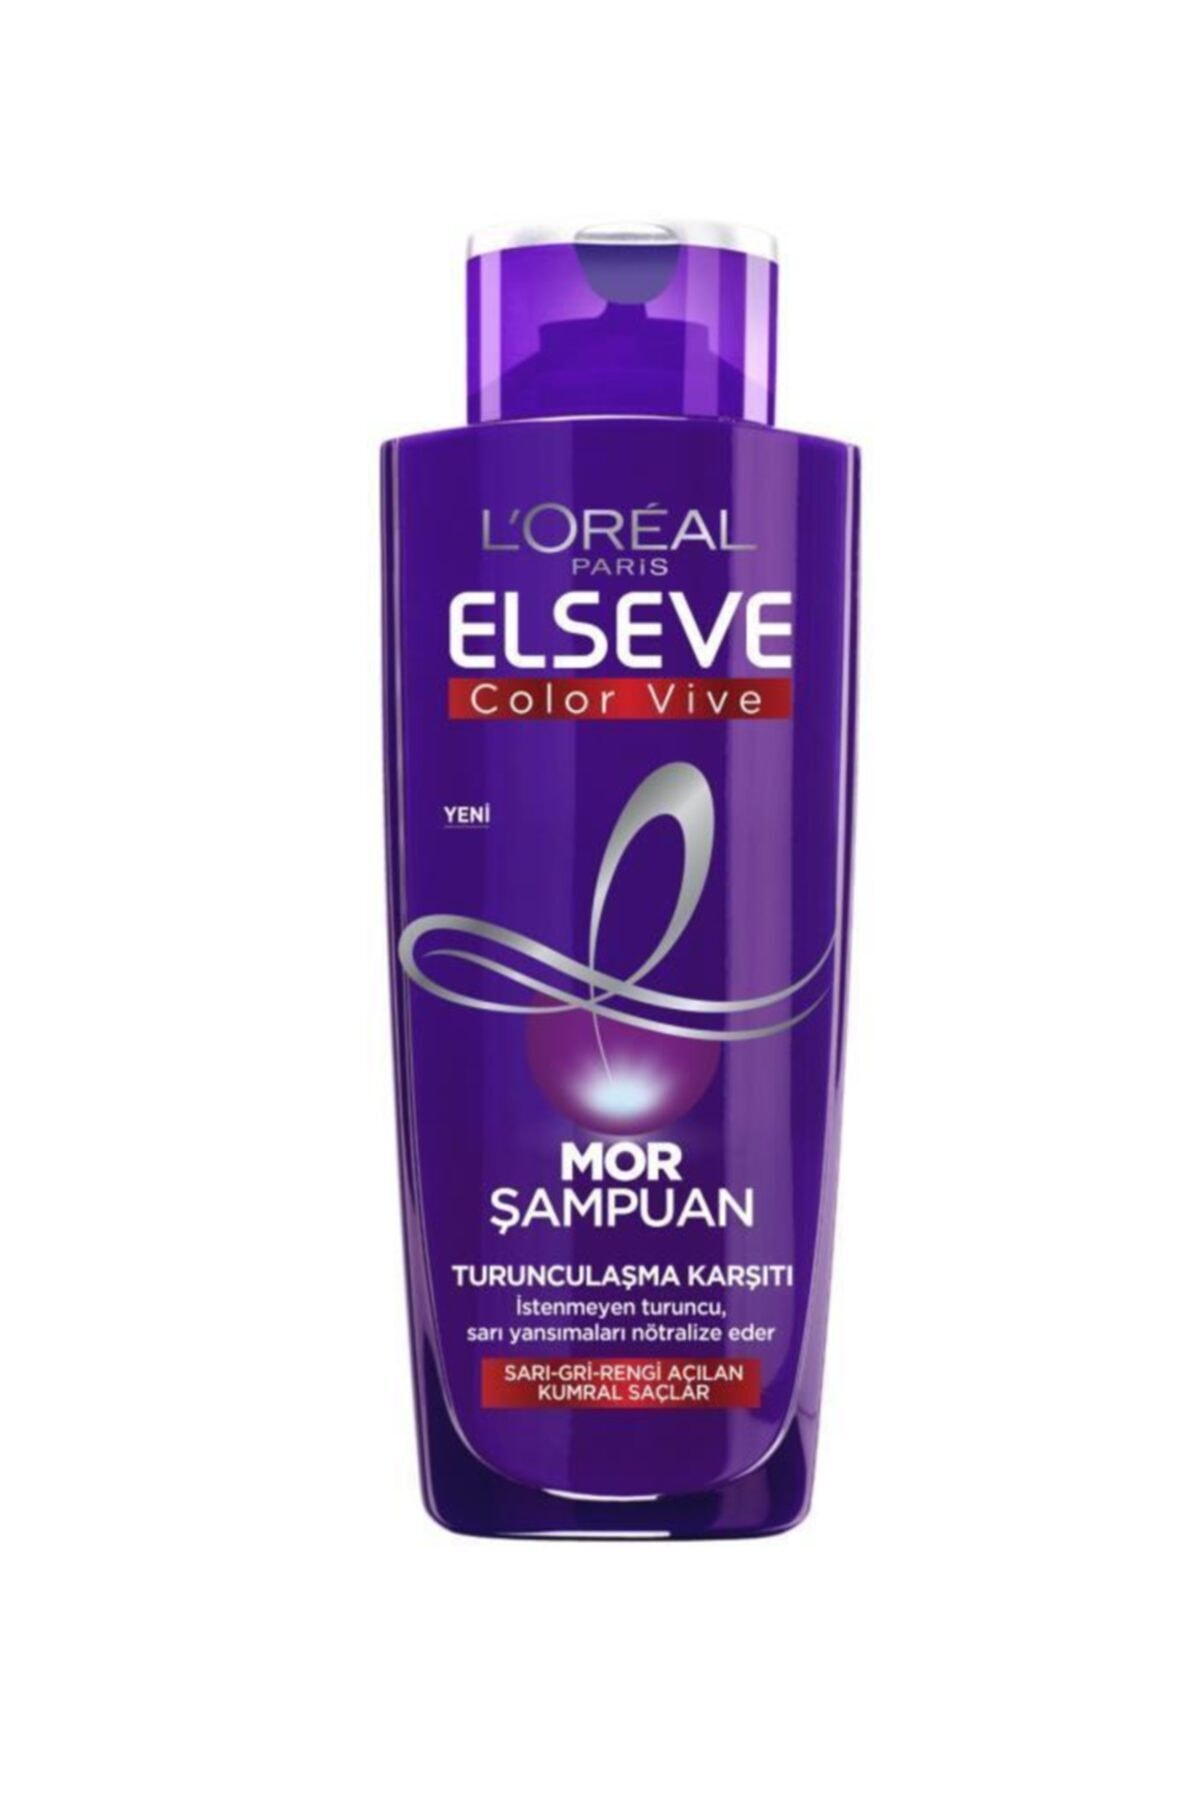 ELSEVE Renk Koruyucu Bakım Şampuan 450 Ml & Turunculaştırma Karşıtı Mor Şampuan & Mor Maske 2